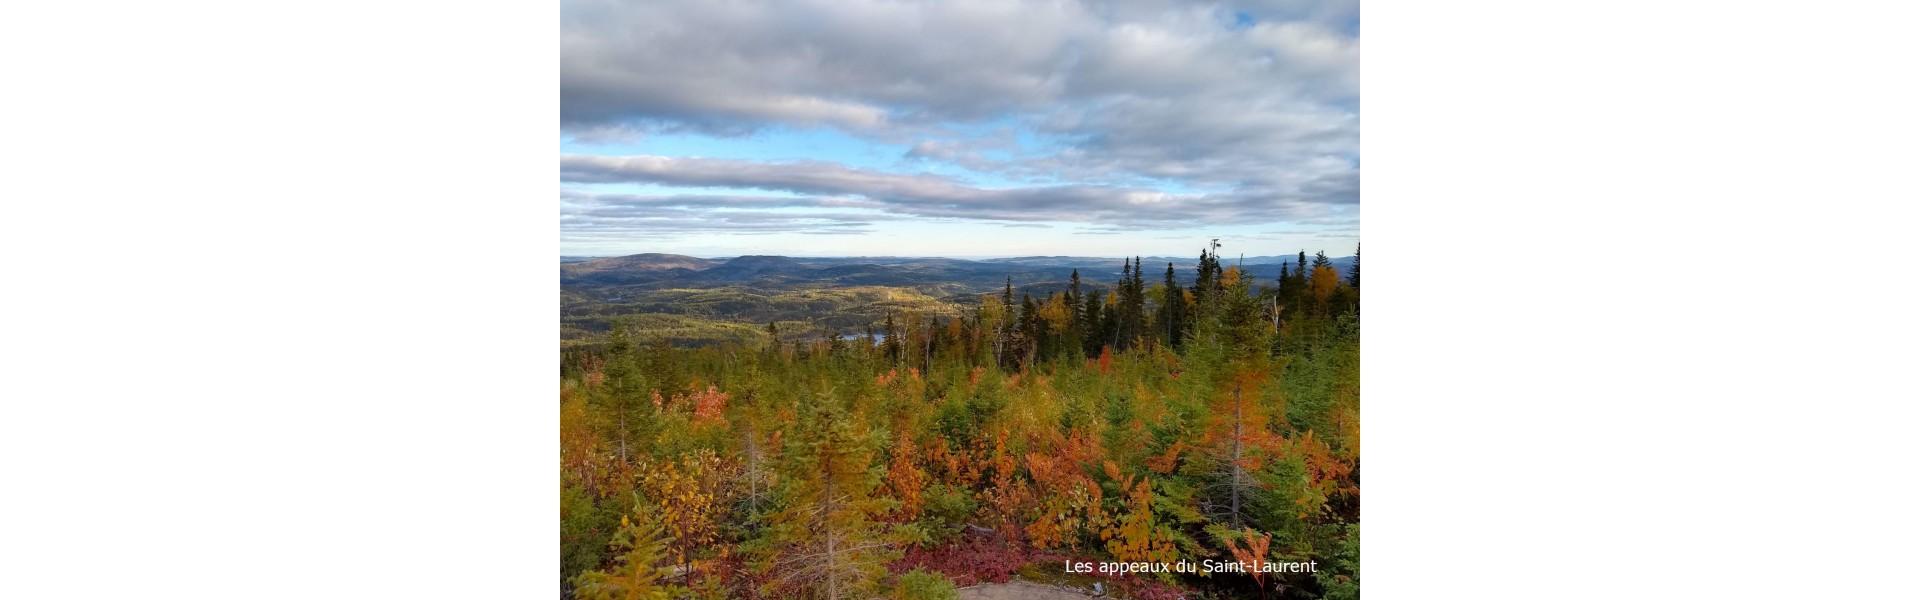 Paysage Saguenay